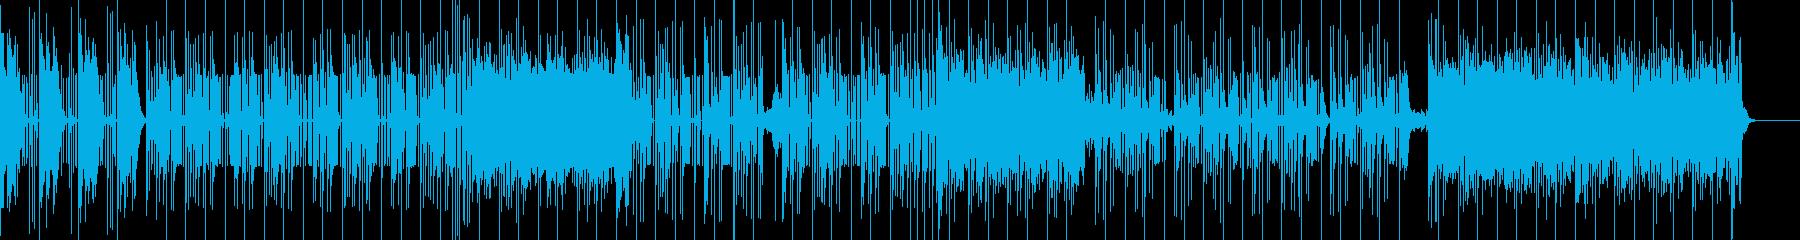 激しめのHIP HOPトラックの再生済みの波形